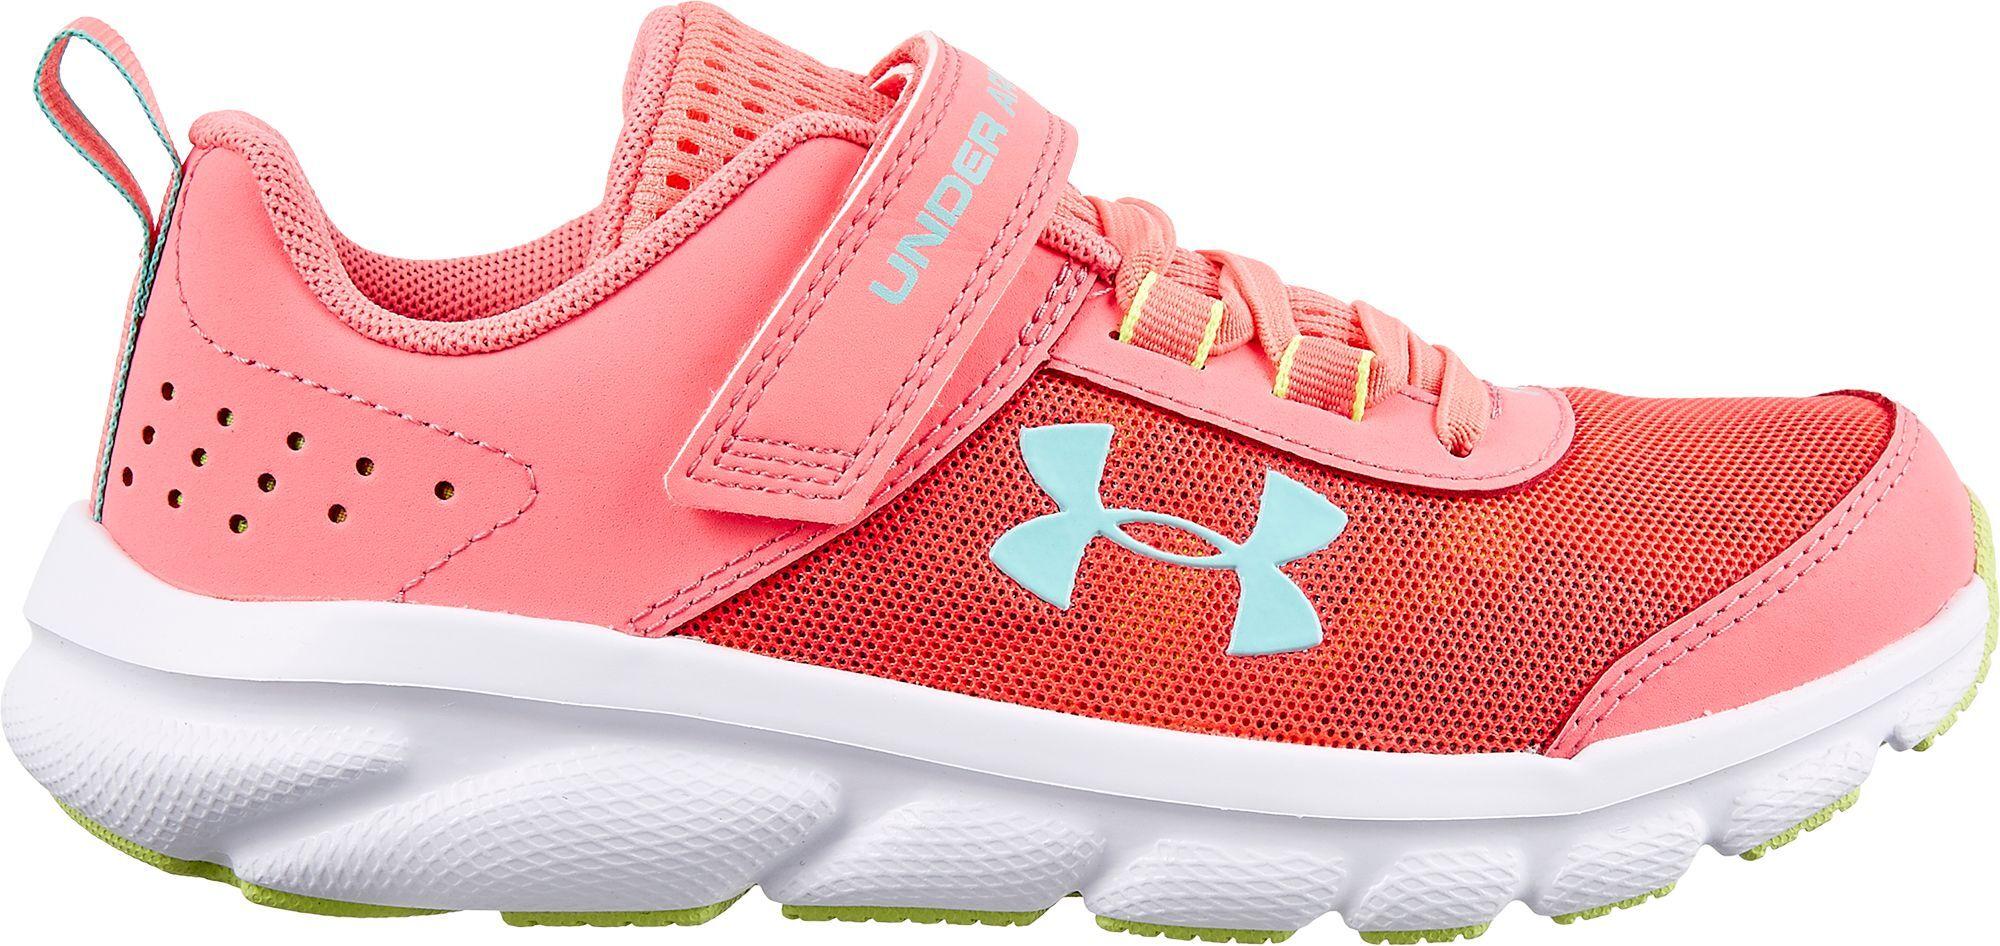 Under Armour Kids' Preschool Assert 8 Running Shoes, Boys', Pink